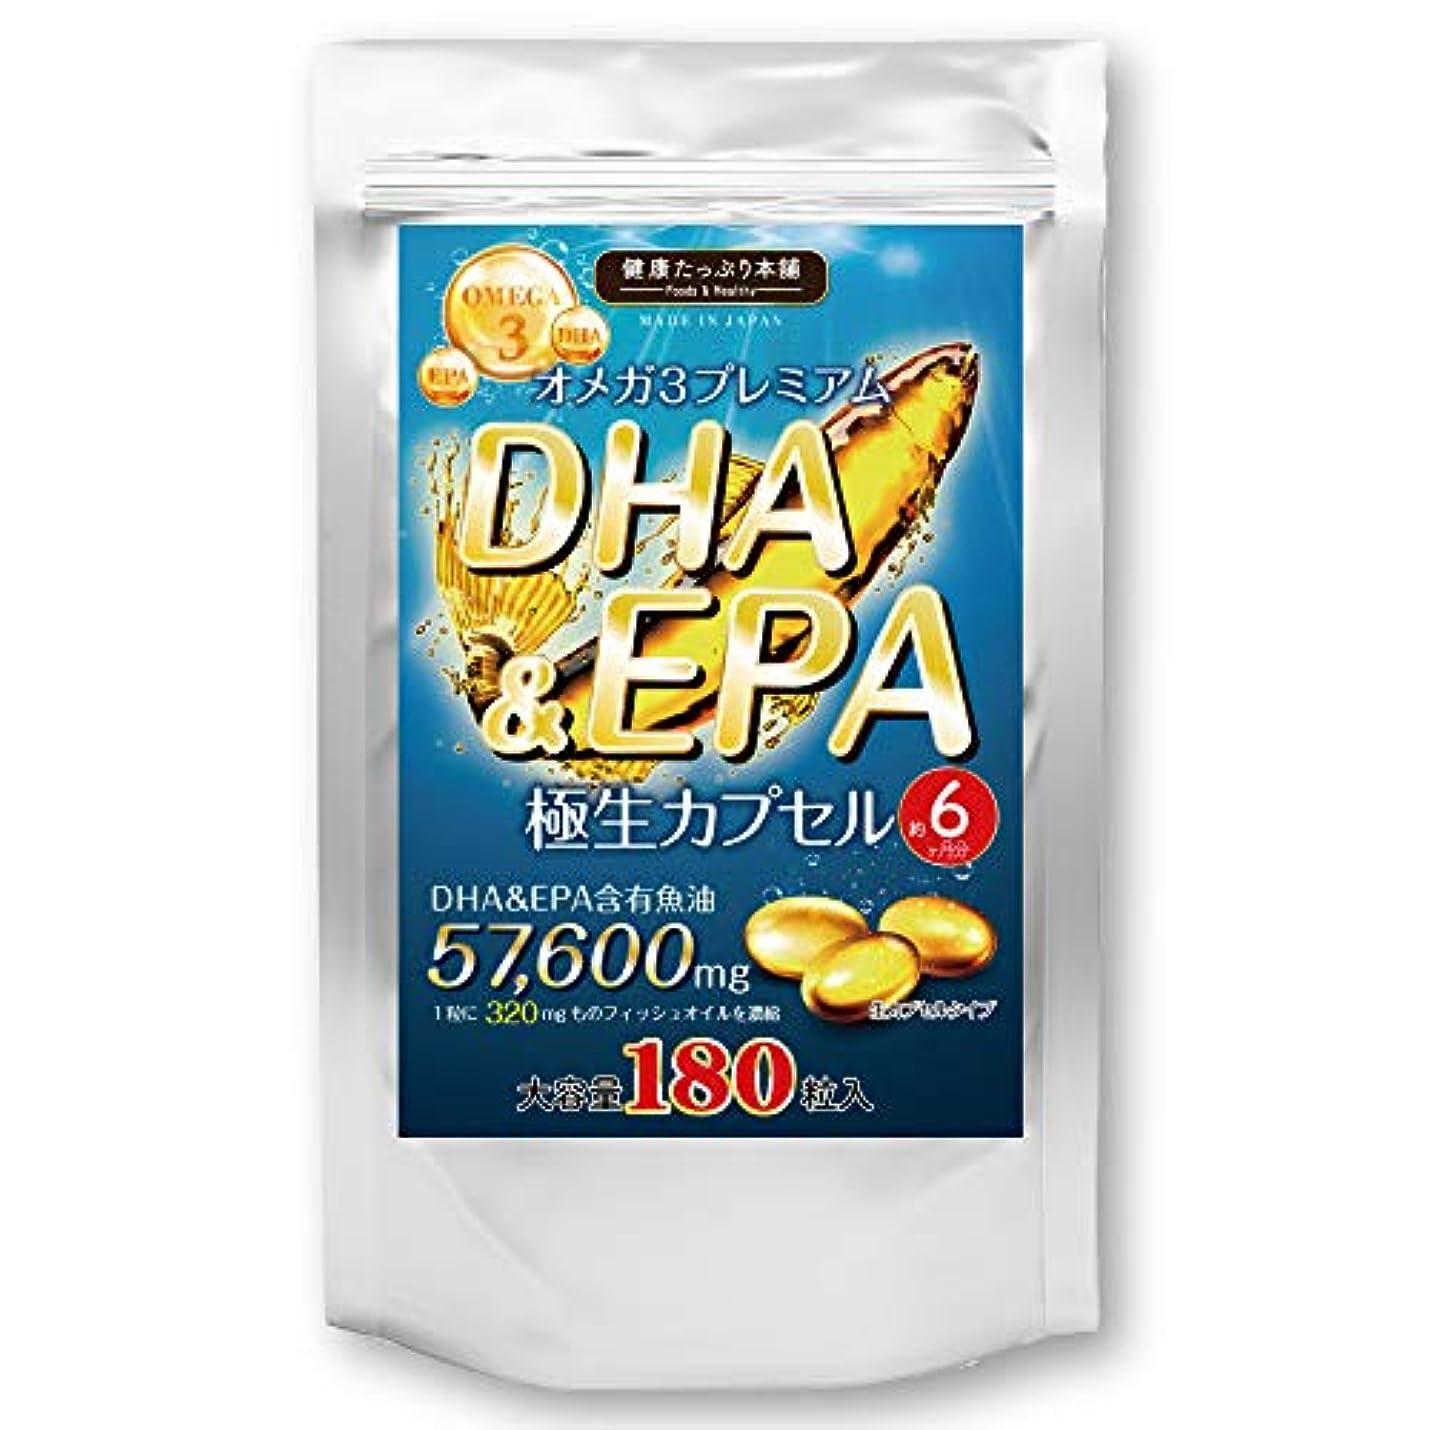 ポール厳密に徐々にオメガ3プレミアム DHA&EPA 極生ソフトカプセル 大容量約6ヶ月分/180粒(DHA含有魚油?EPA含有魚油)